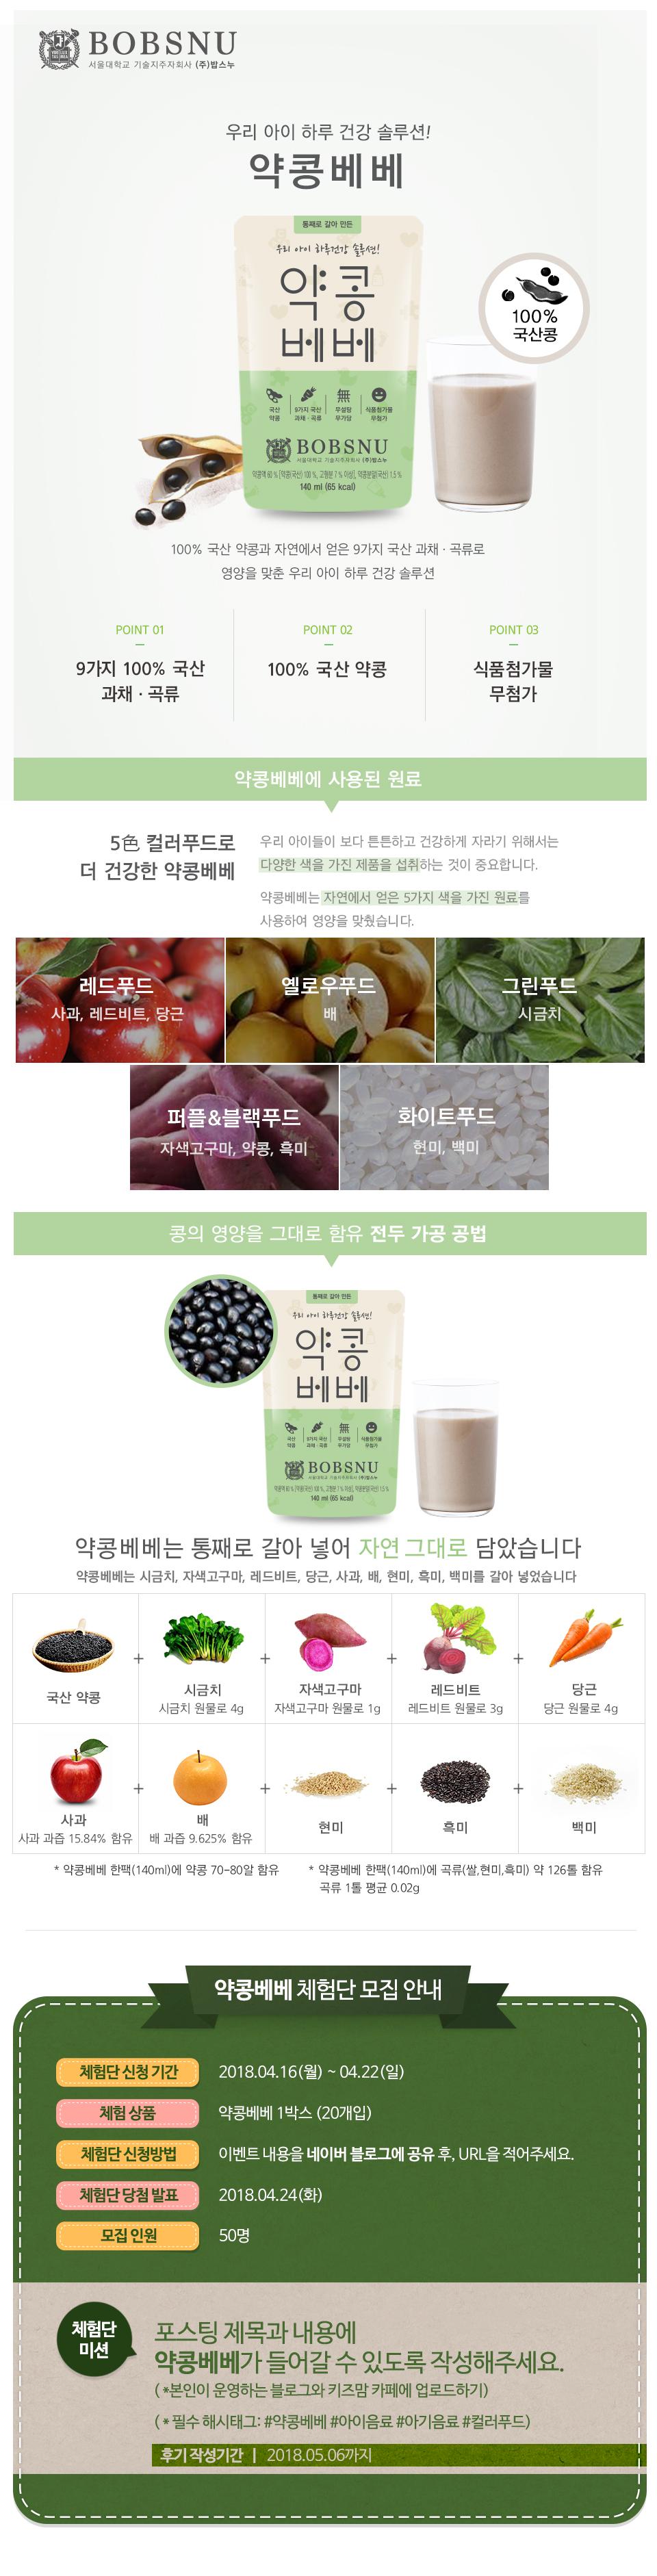 180412 약콩두유 체험단(키즈맘)_수정.png